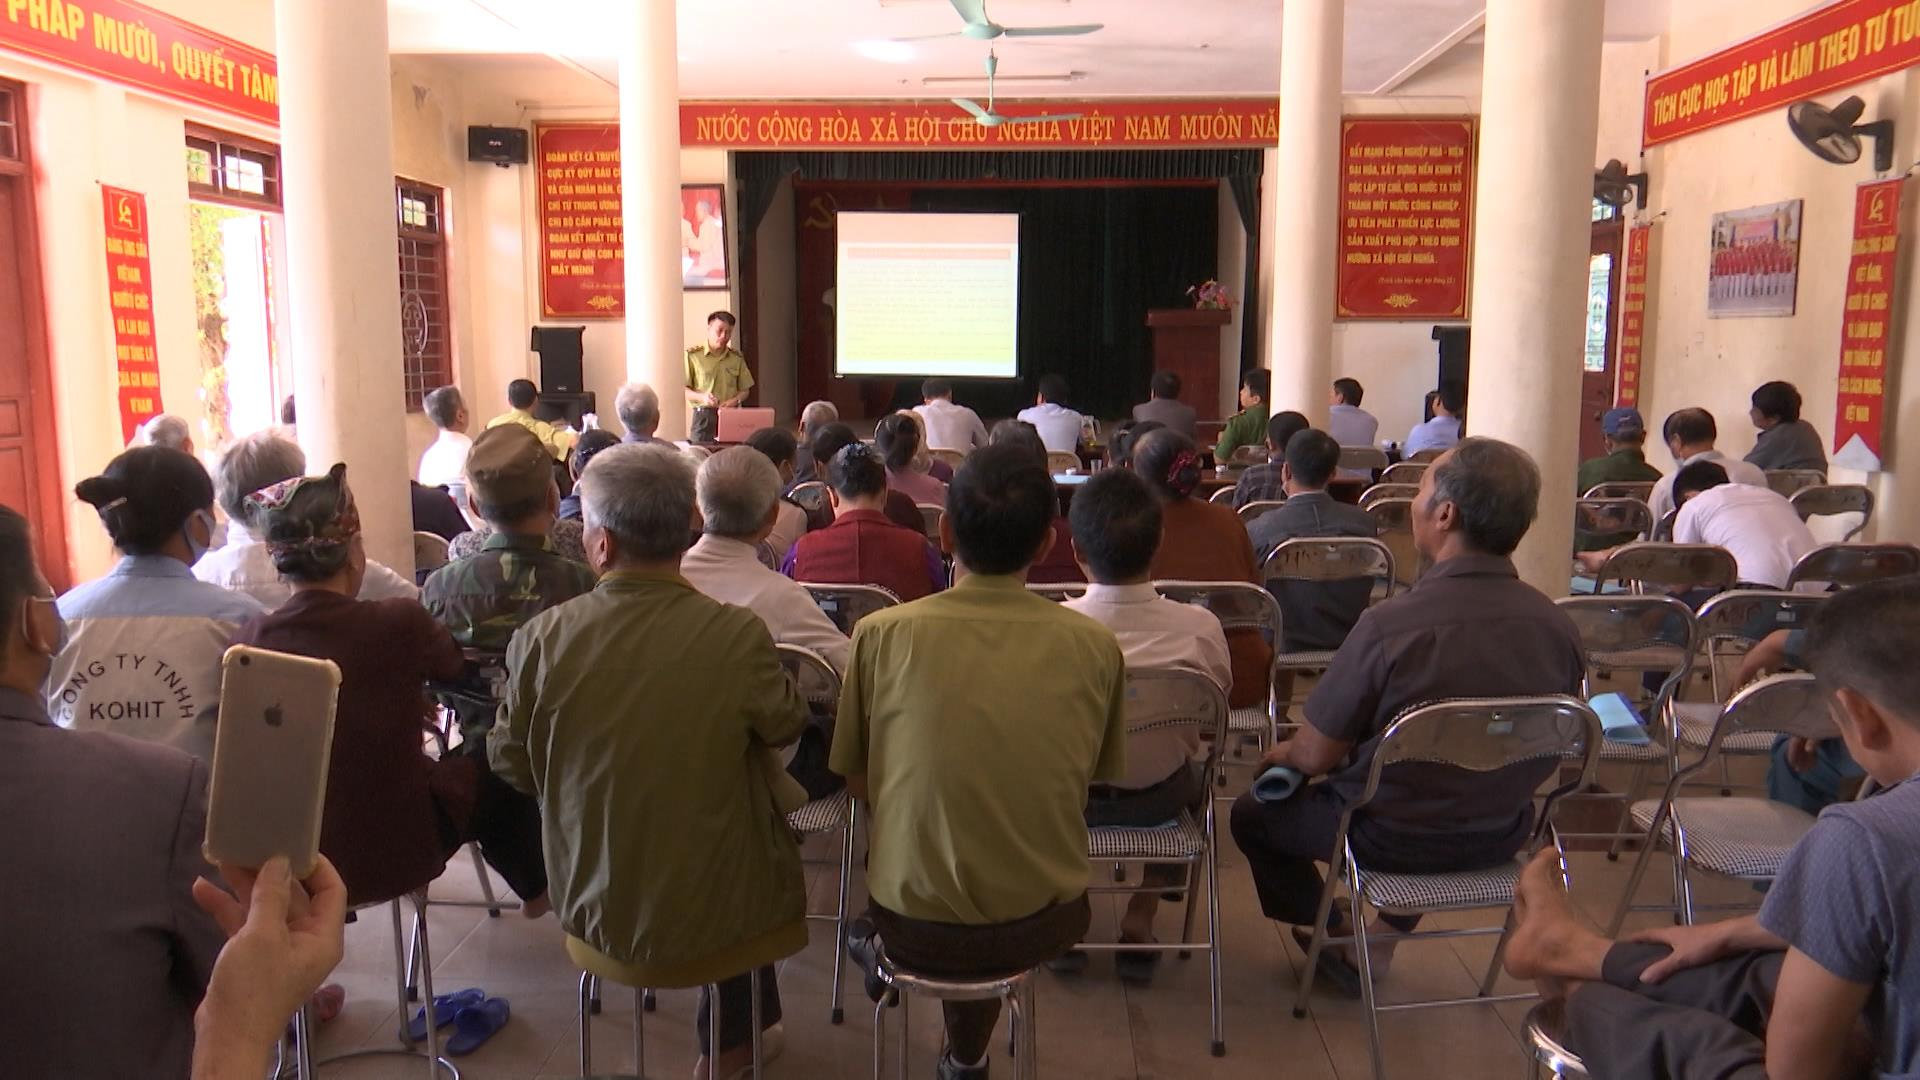 Tập huấn phổ biến pháp luật bảo vệ rừng, phát triển rừng  và phòng cháy chữa cháy rừng